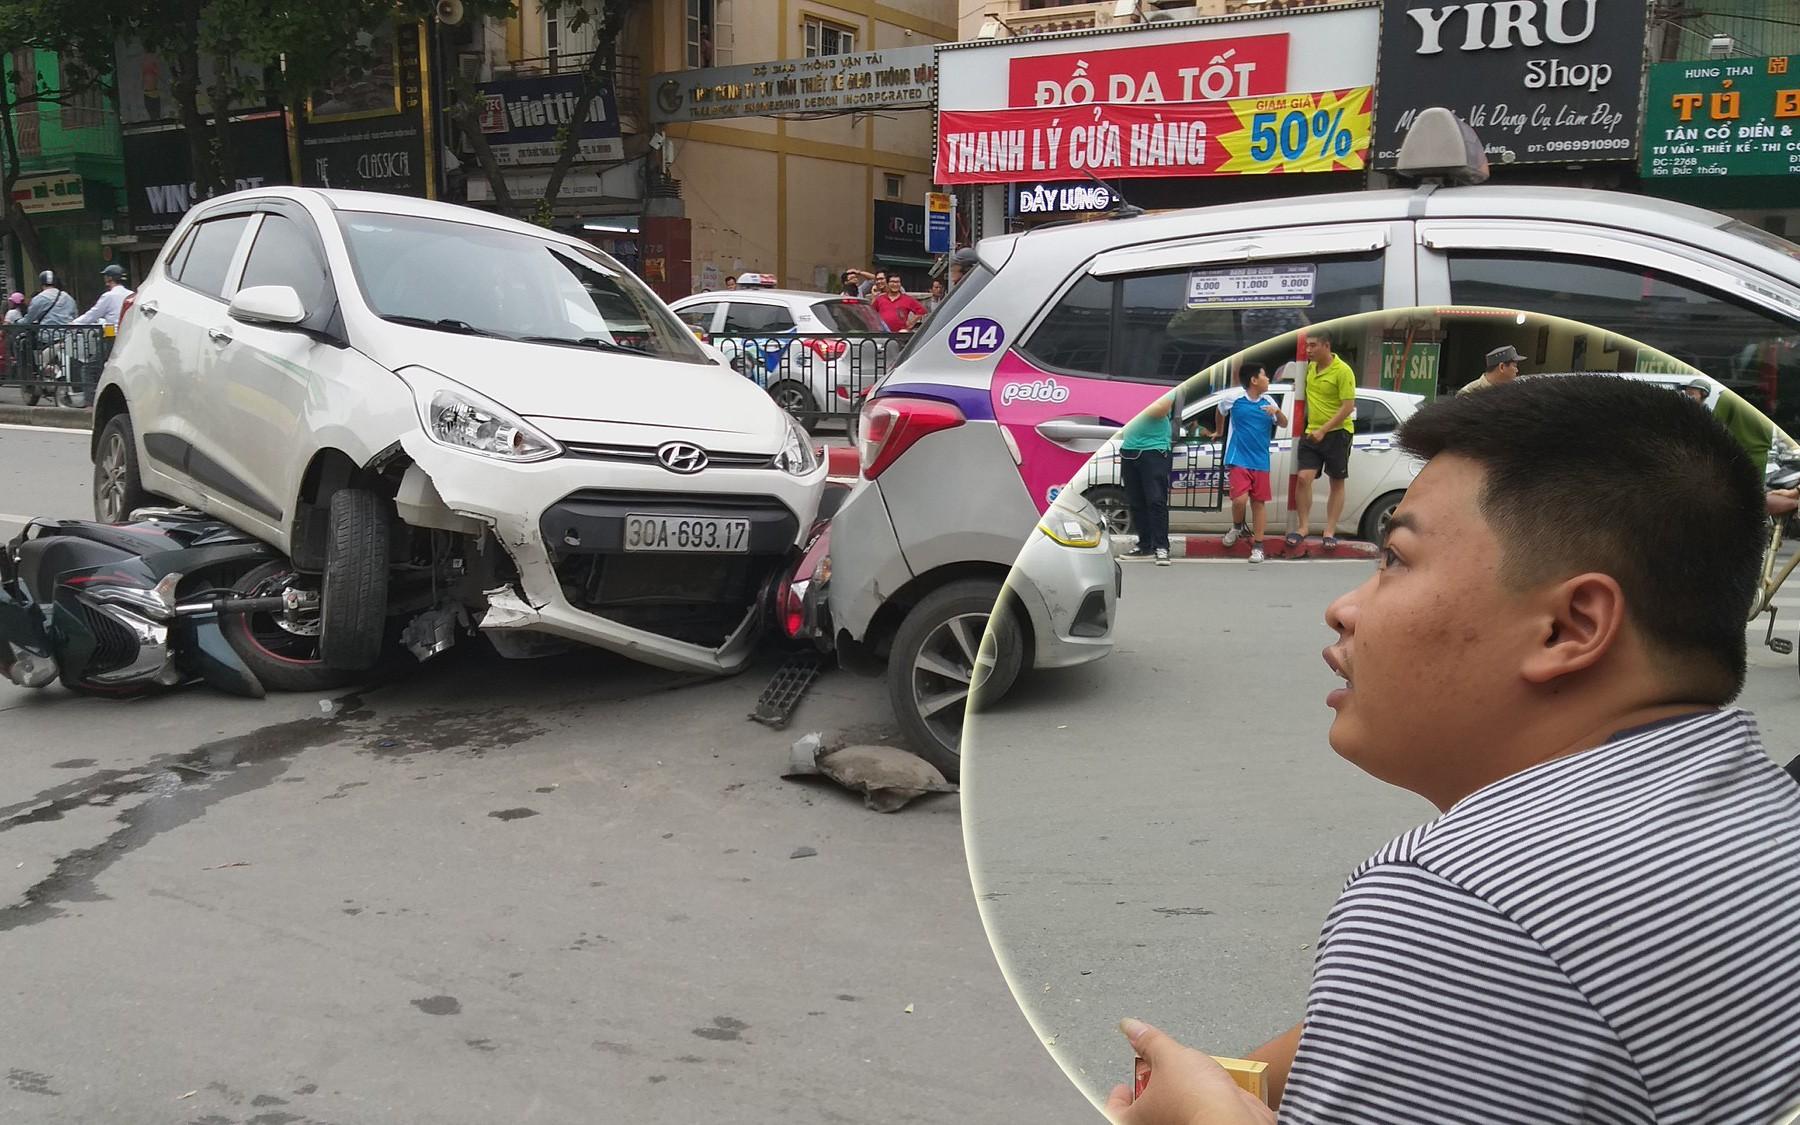 Lời kể của tài xế taxi bị xế hộp đâm trong vụ tai nạn liên hoàn trên đường Tôn Đức Thắng khiến nhiều người nhập viện